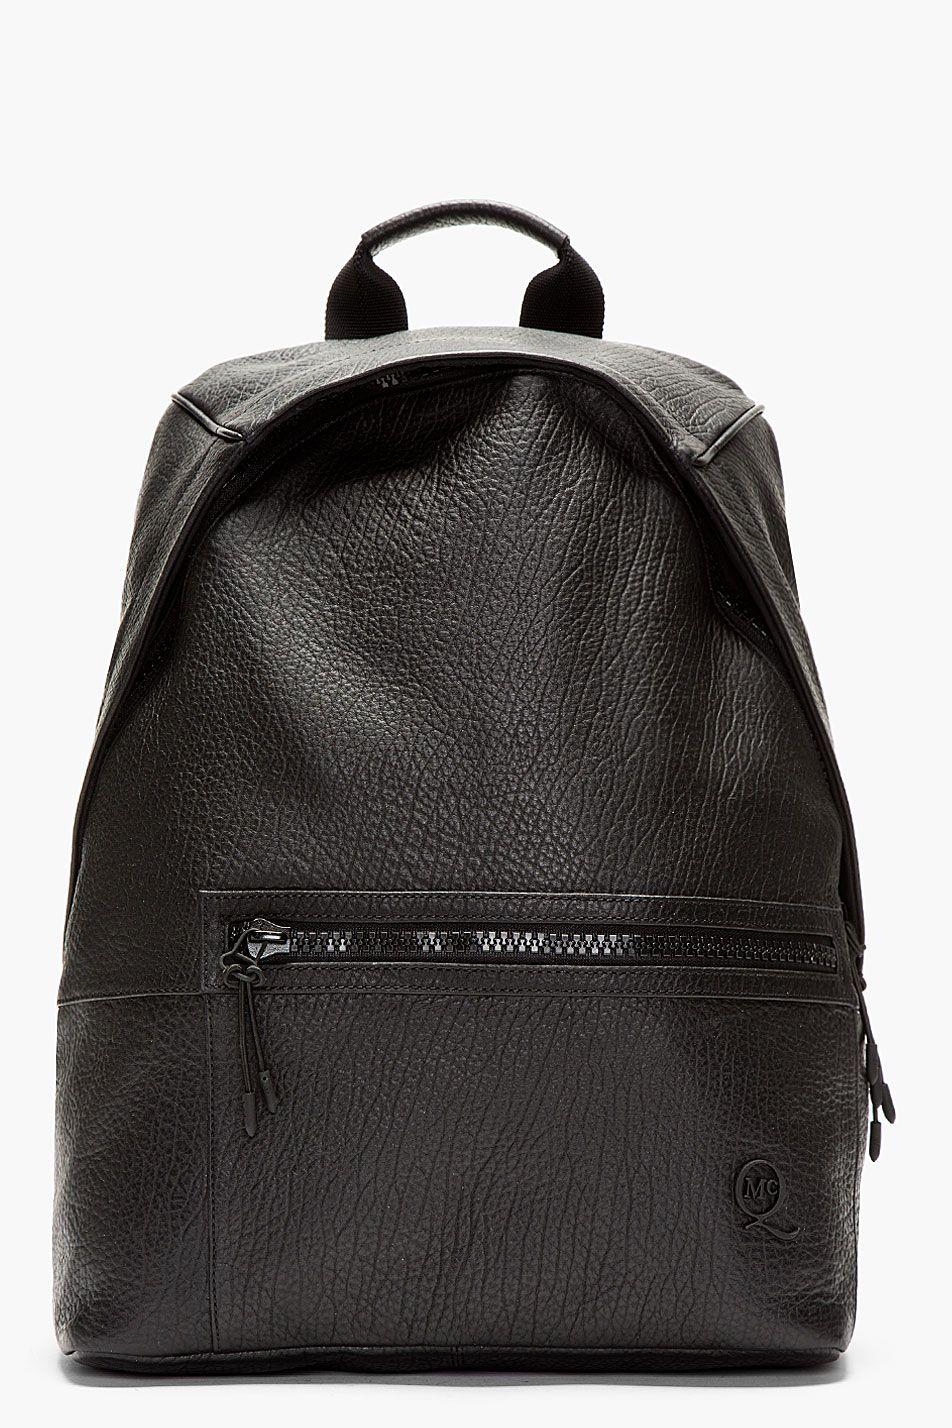 46ea1d0d2e3683 MCQ ALEXANDER MCQUEEN Black Grained Leather Backpack #alexandermcqueen # leatherbackpack